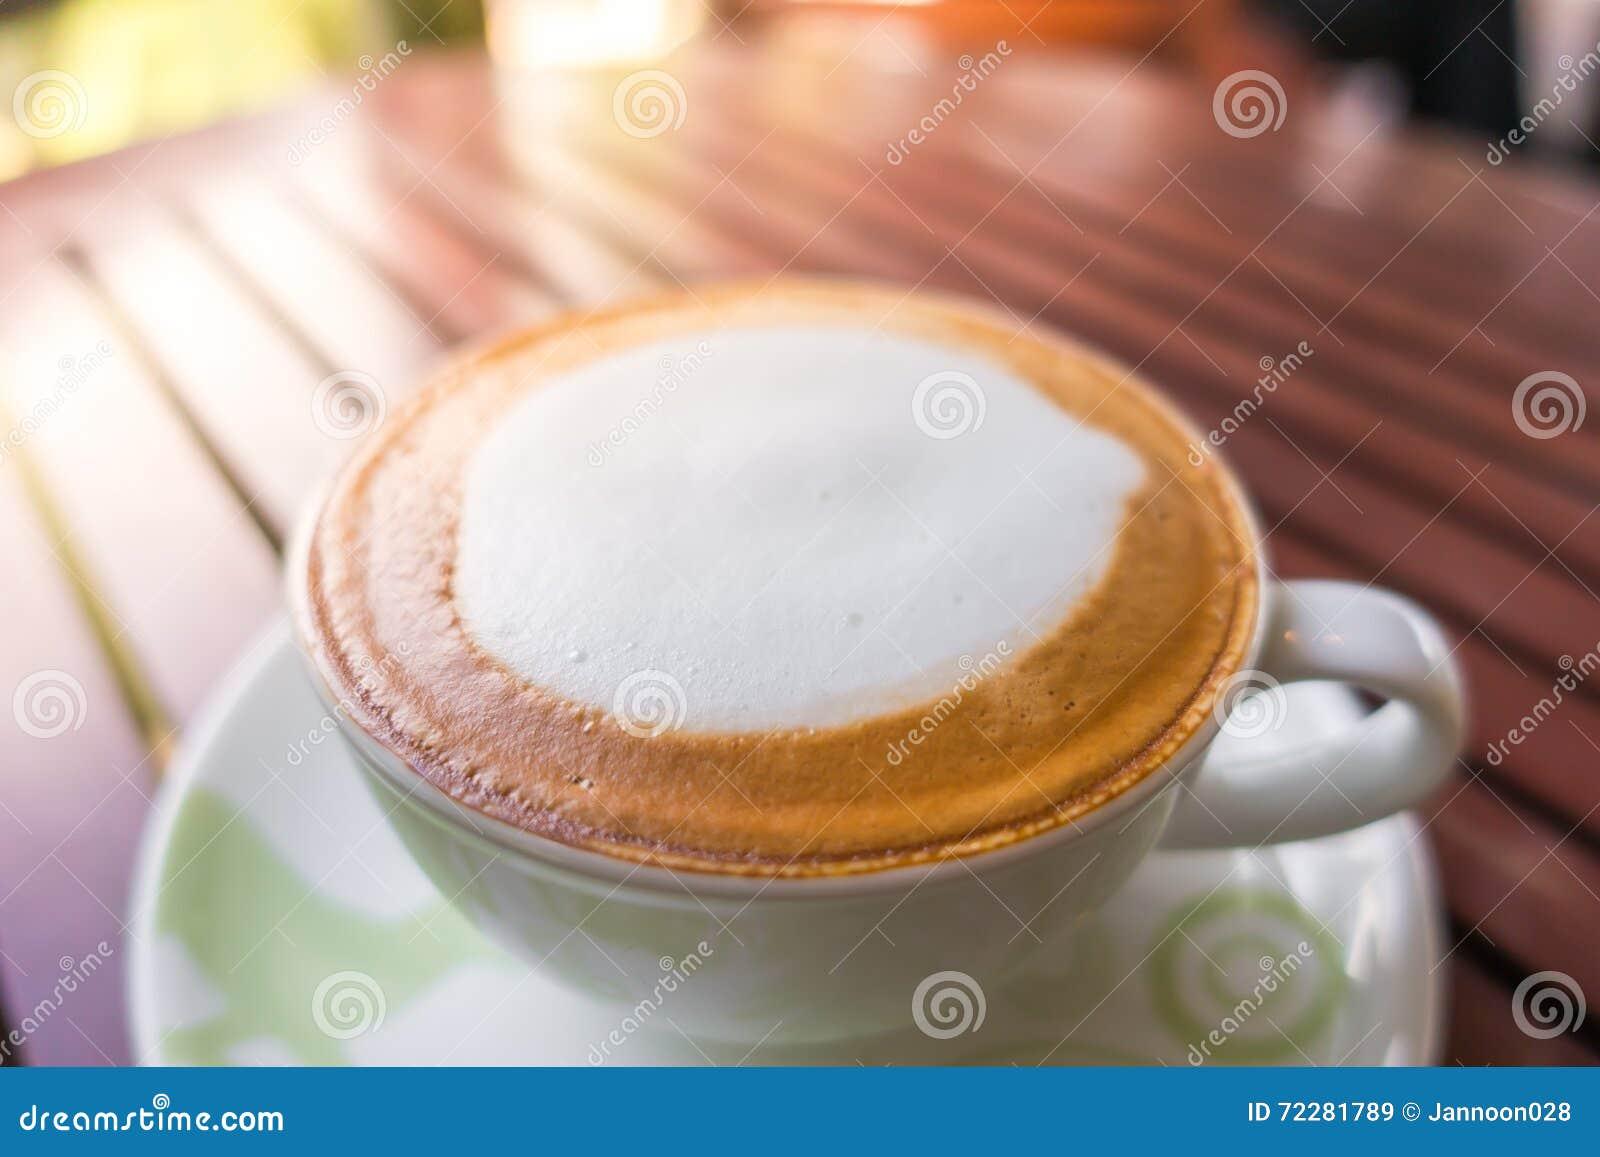 Download Кофе Latte на деревянном столе Стоковое Изображение - изображение насчитывающей сердце, наклонов: 72281789